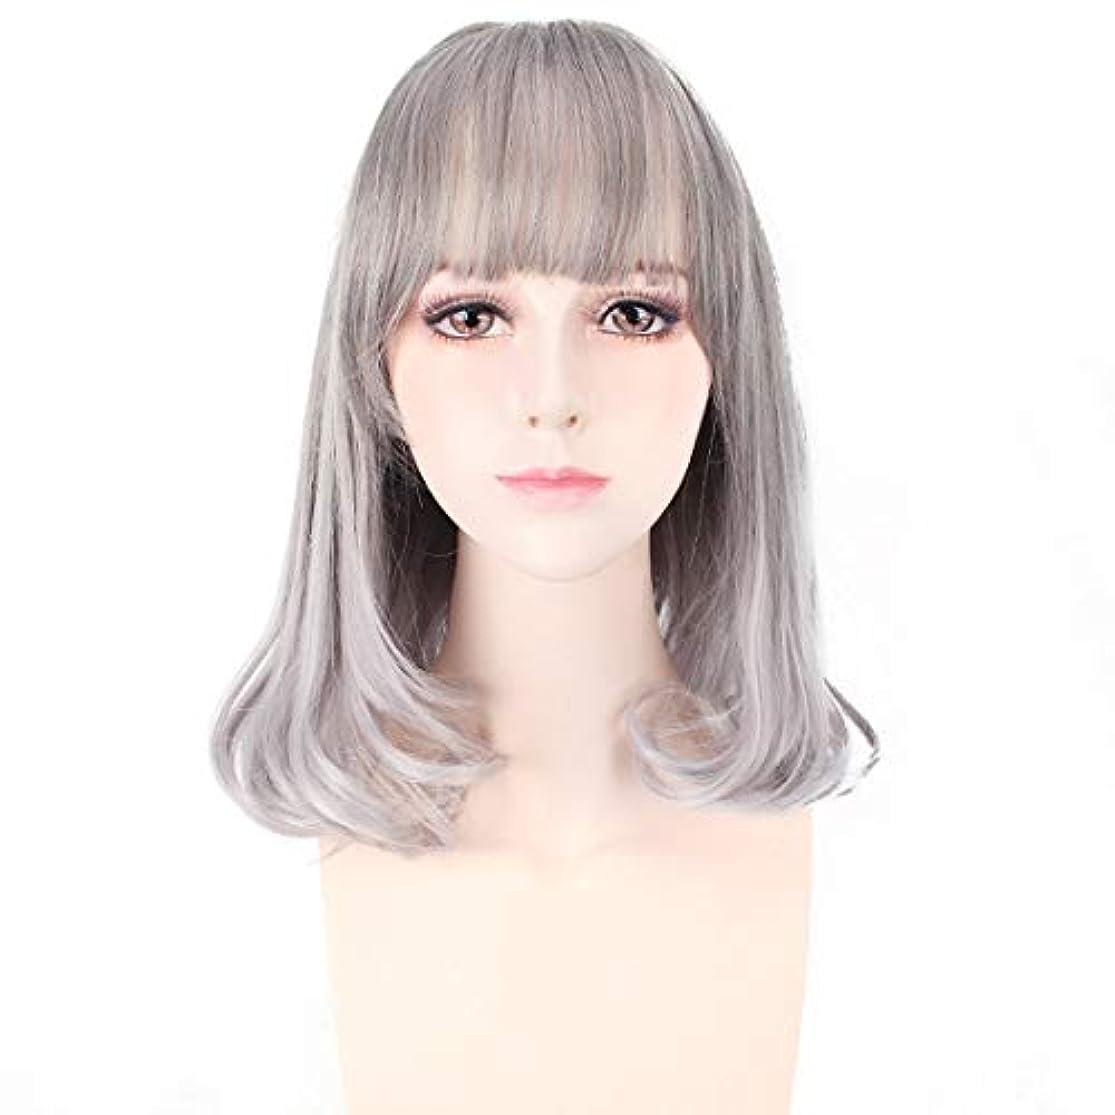 落花生不安定家事をするYOUQIU 女子チー前髪ショートヘアウェーブ頭ふわふわのリアルなガールウィッグウィッグ用ショートヘア (色 : Silver gray)